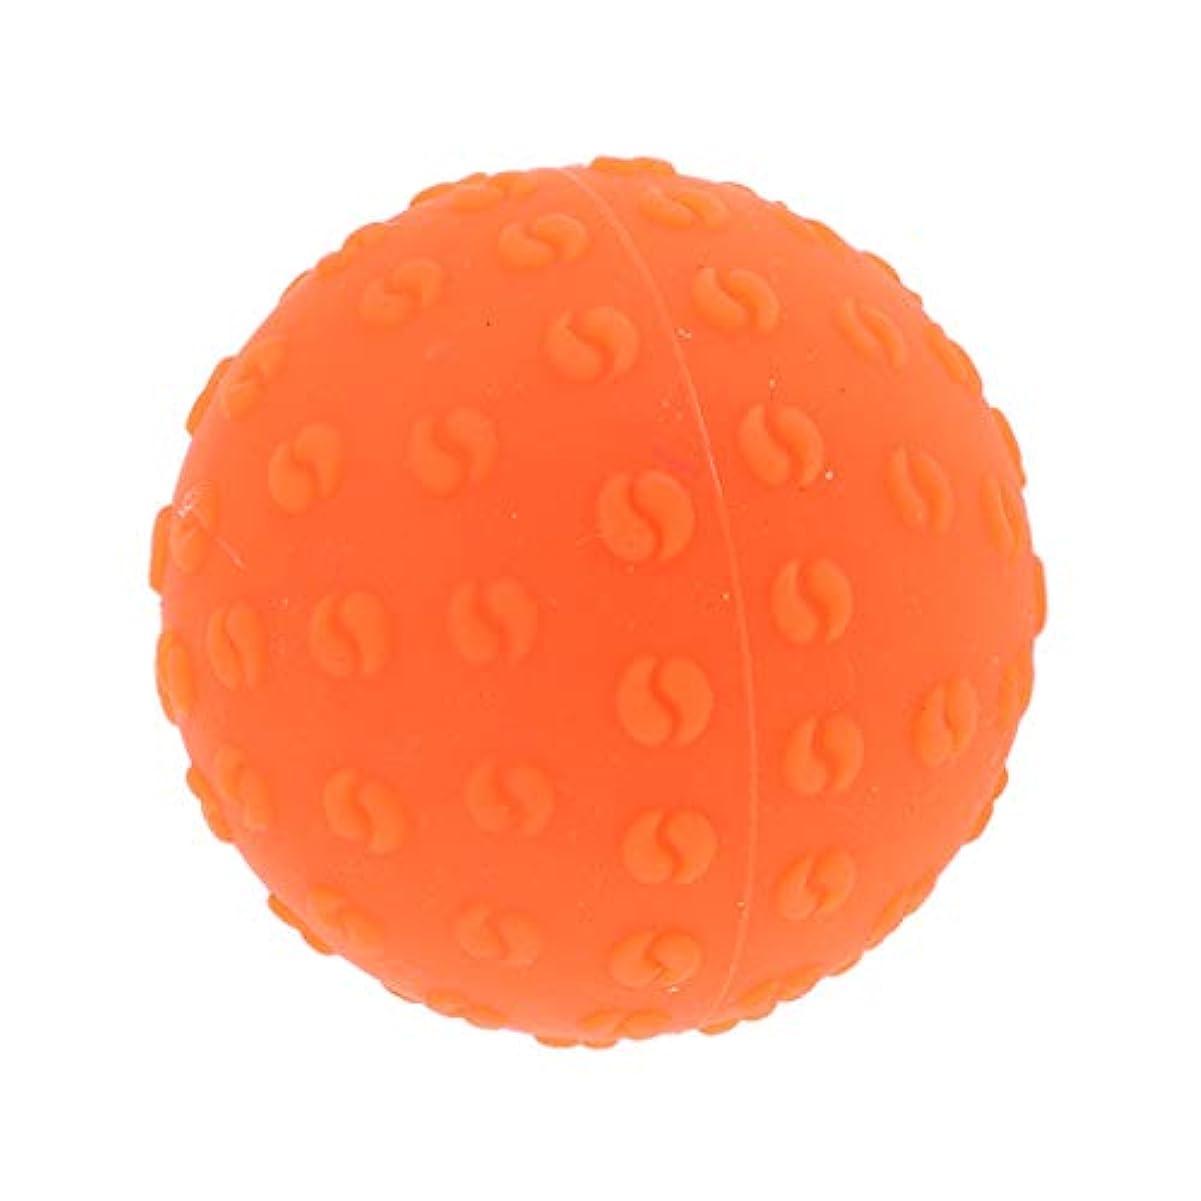 タフ狂うフライカイトFenteer マッサージボール 指圧ボール シリコーン トリガーポイント 足底筋膜炎 ヨガ ツボ押しグッズ 全6色 - オレンジ, 説明のとおり